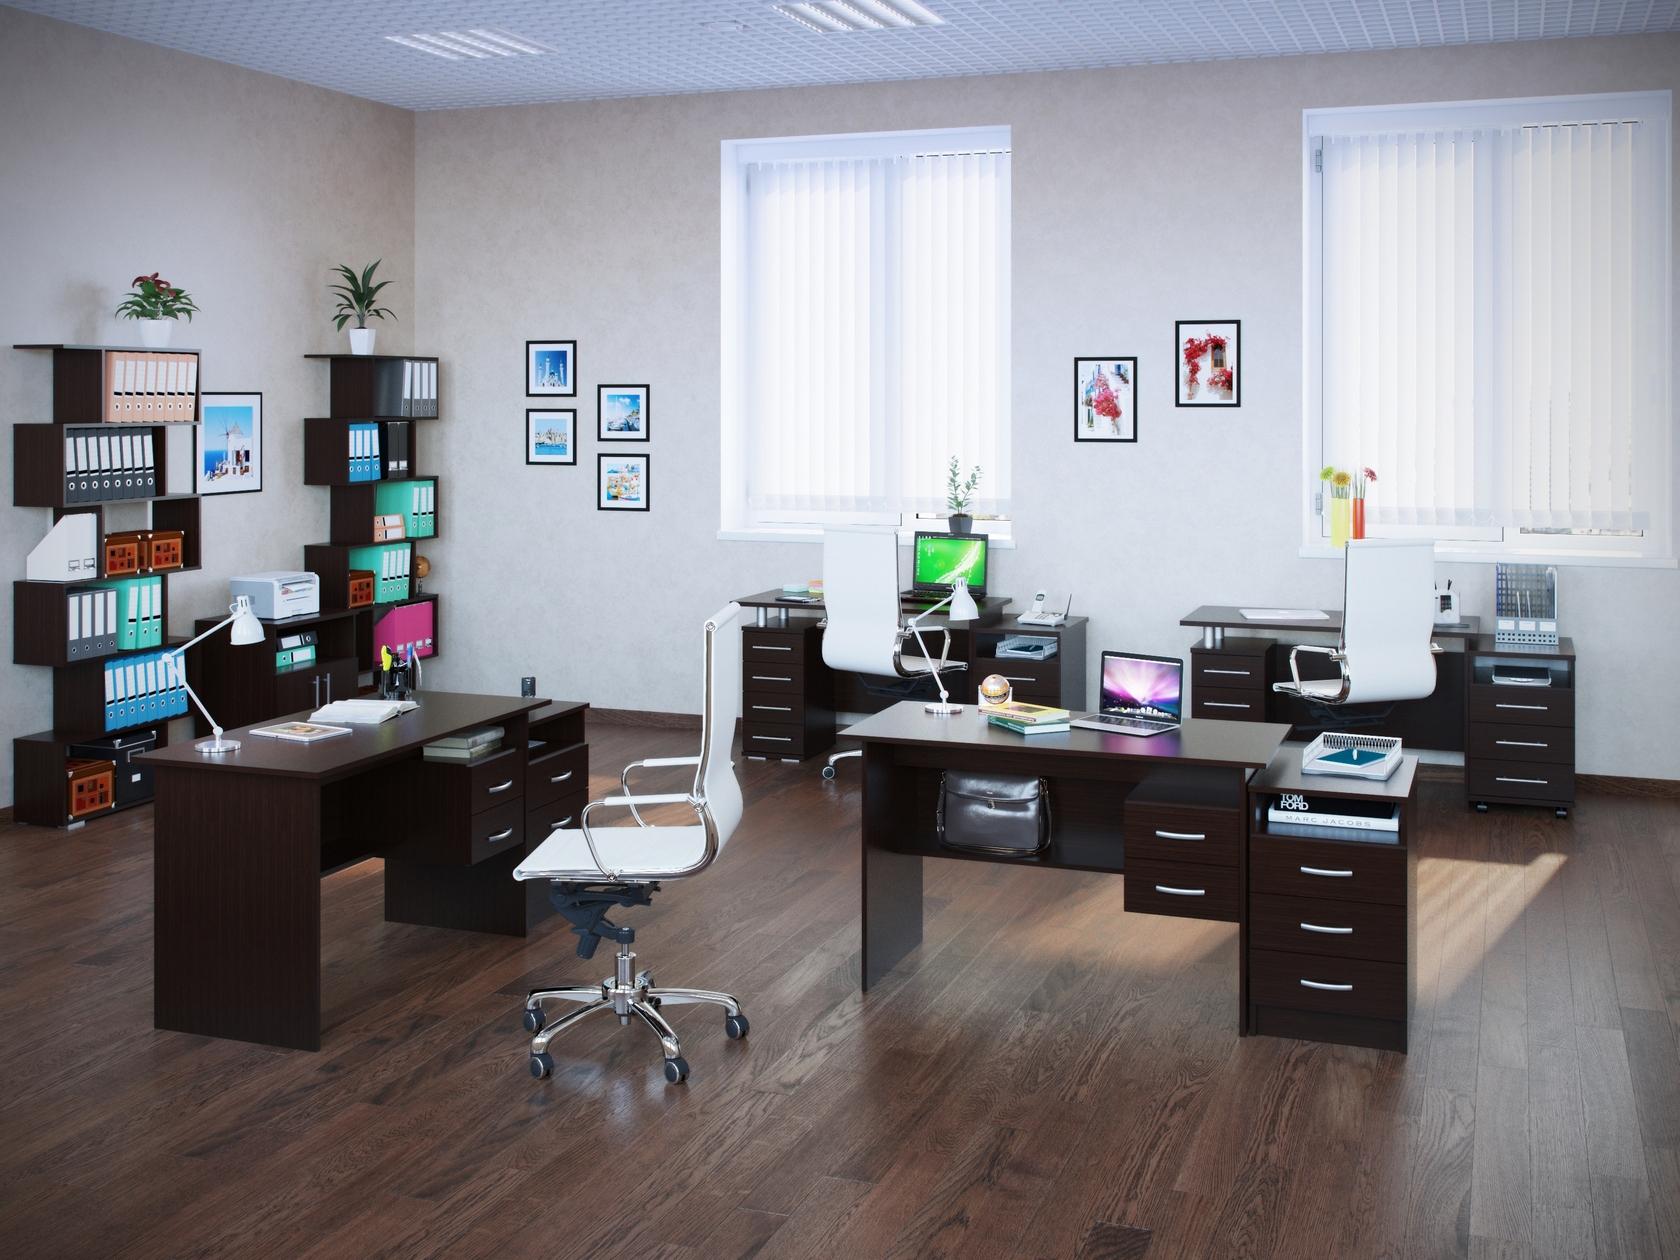 Комплект офисной мебели Сокол Сокол П К3 Венге комплект офисной мебели сокол сокол п к3 венге